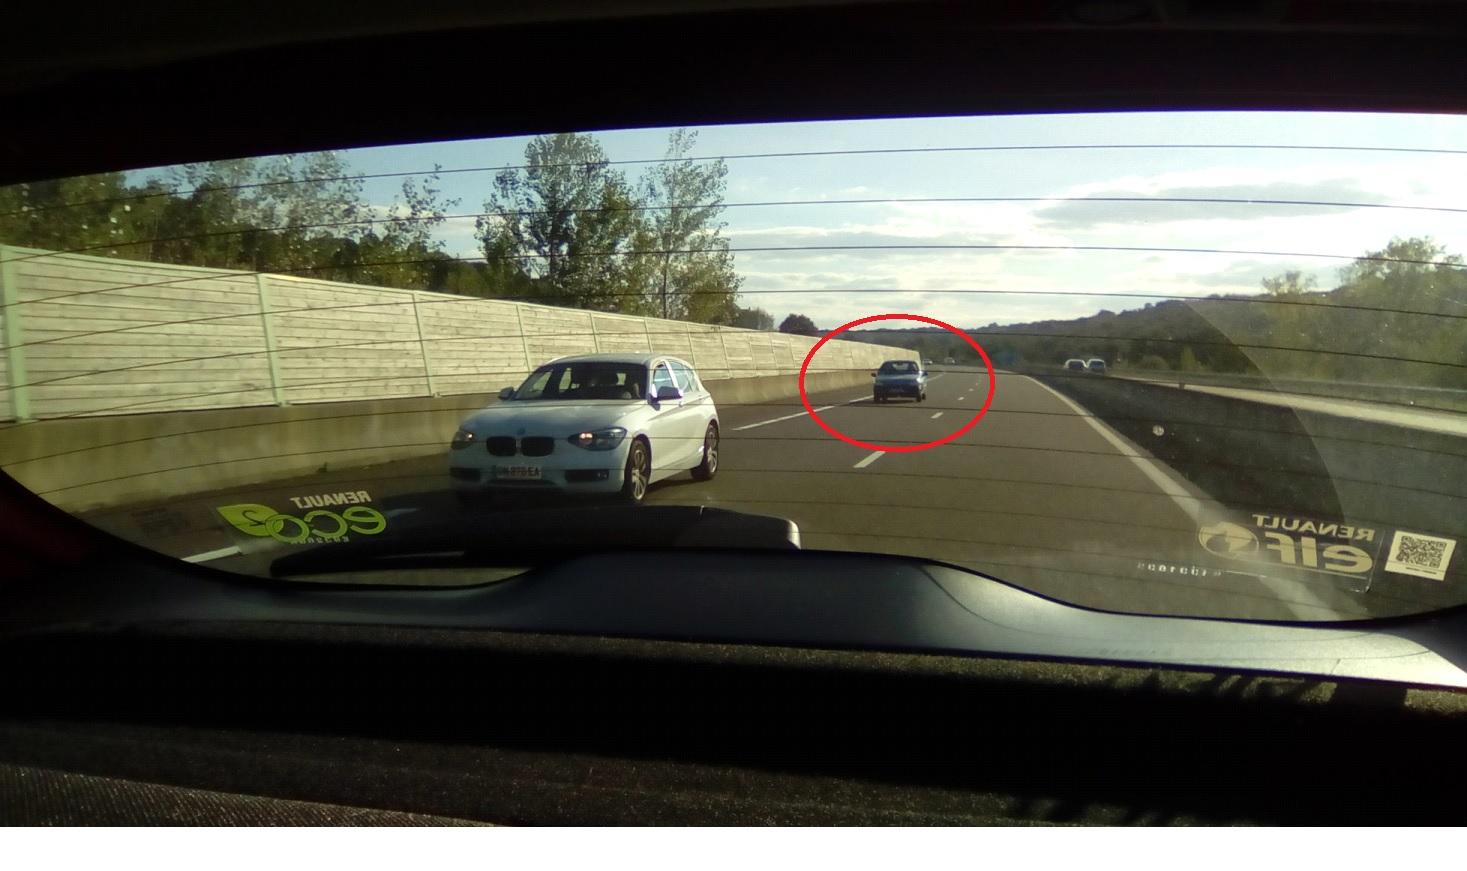 Une photo d'une autre voiture sur l'autoroute prise de l'intérieur d'une voiture